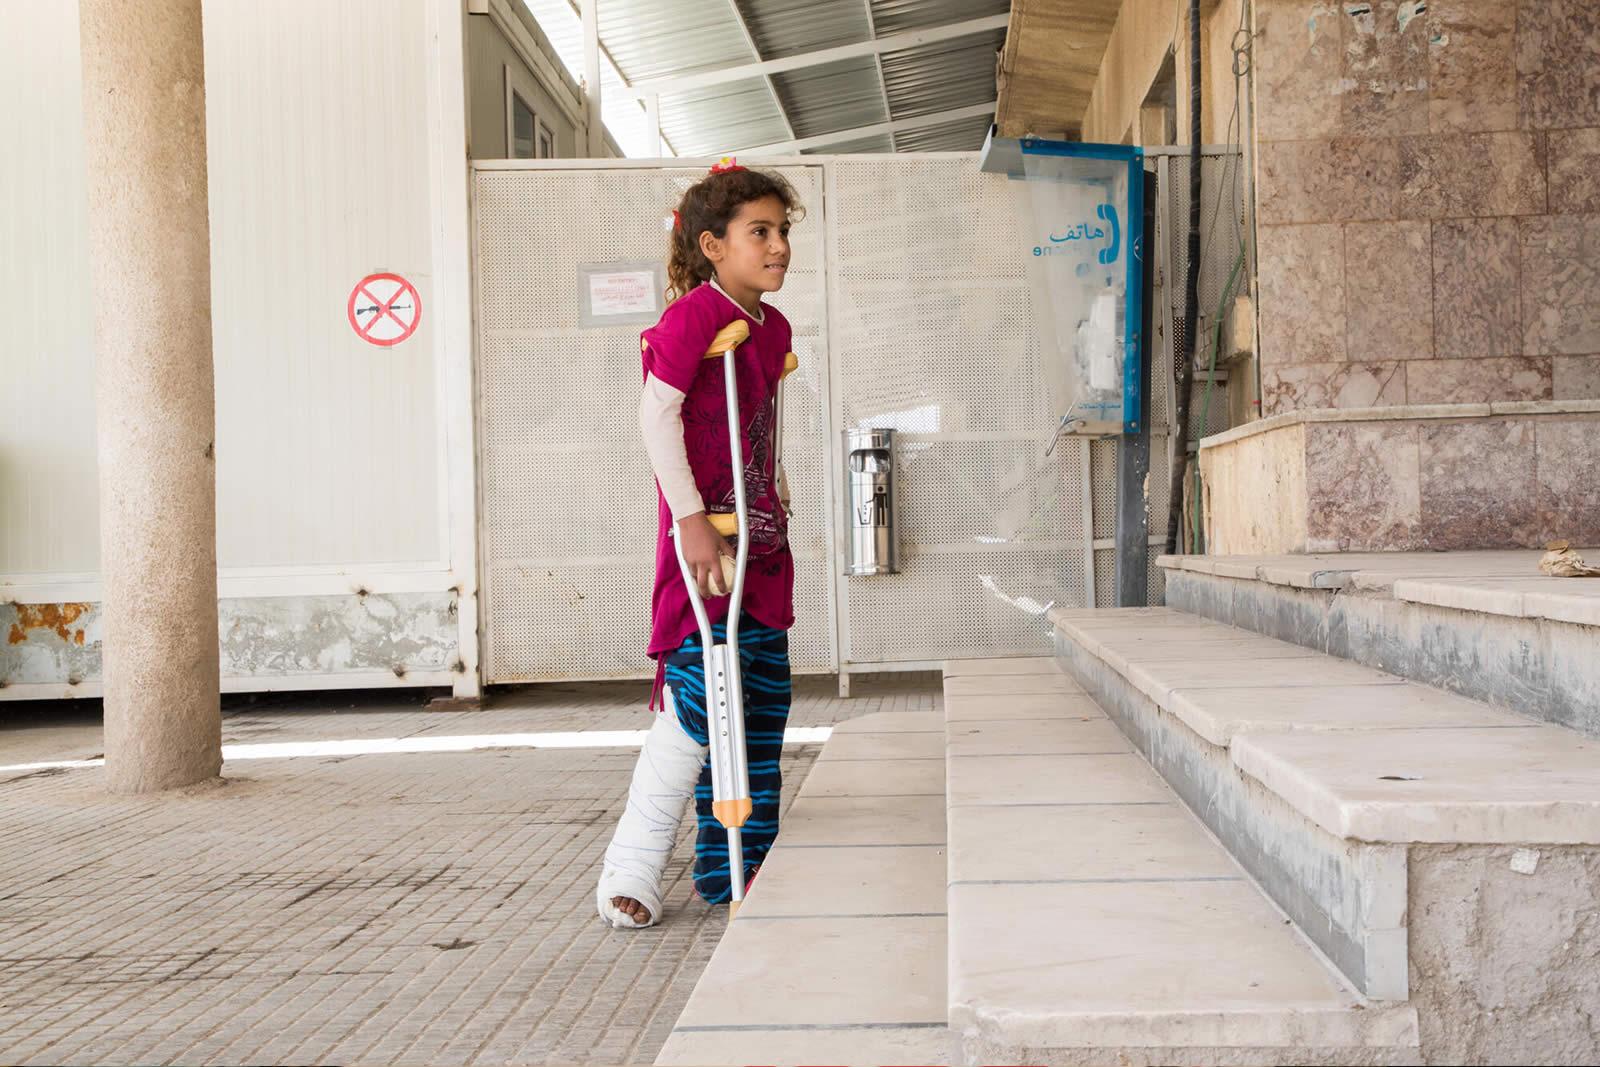 syria-10-yrs-2018-injured.jpg